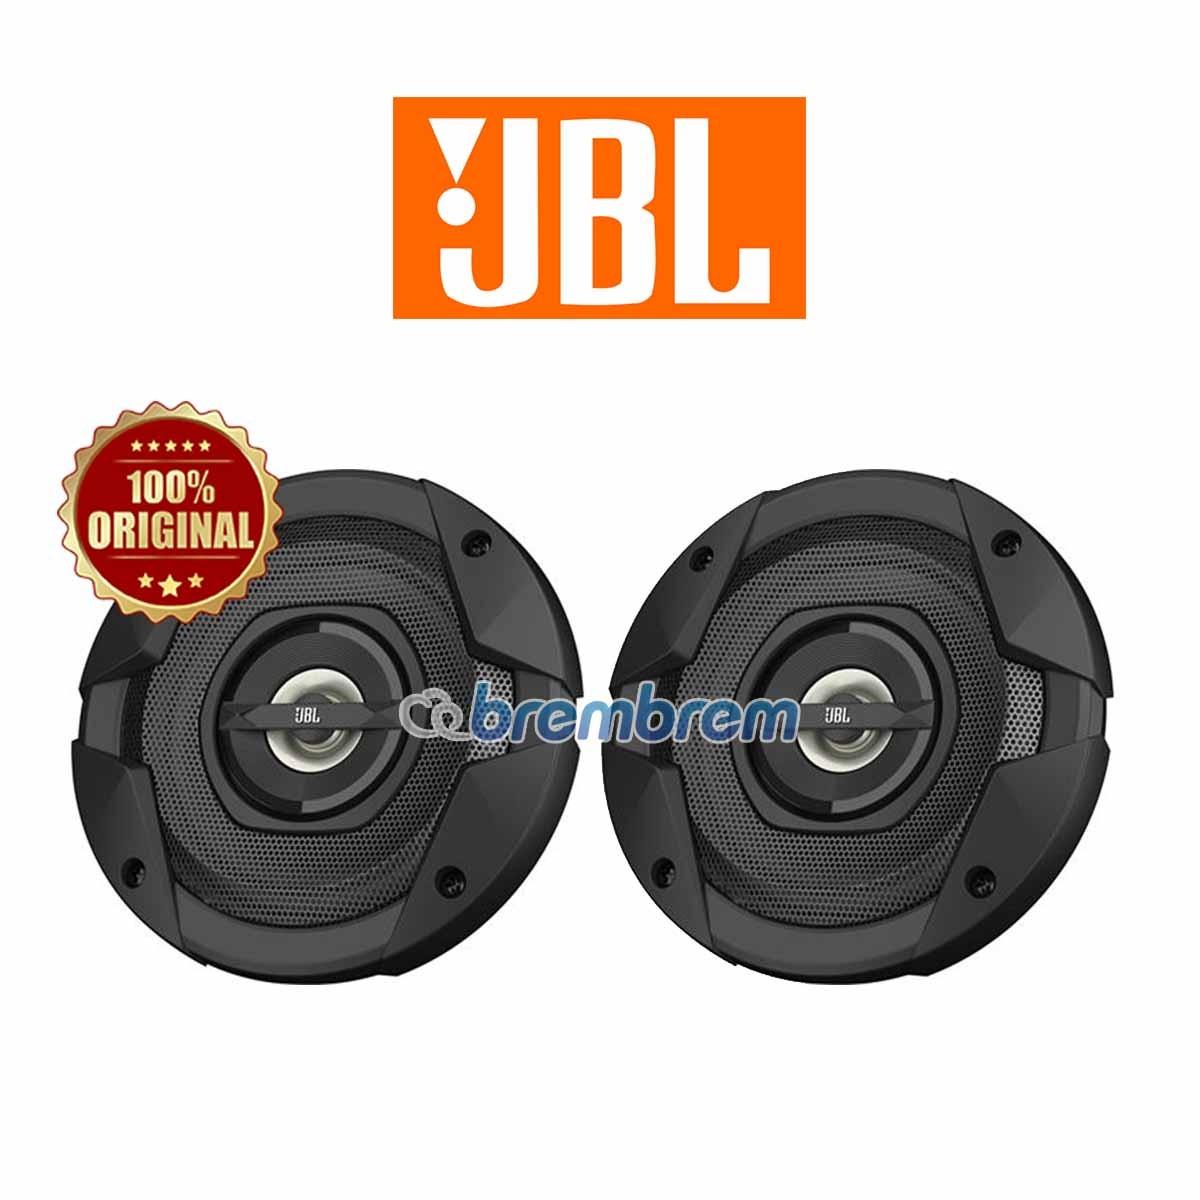 JBL GT7 4 - SPEAKER COAXIAL